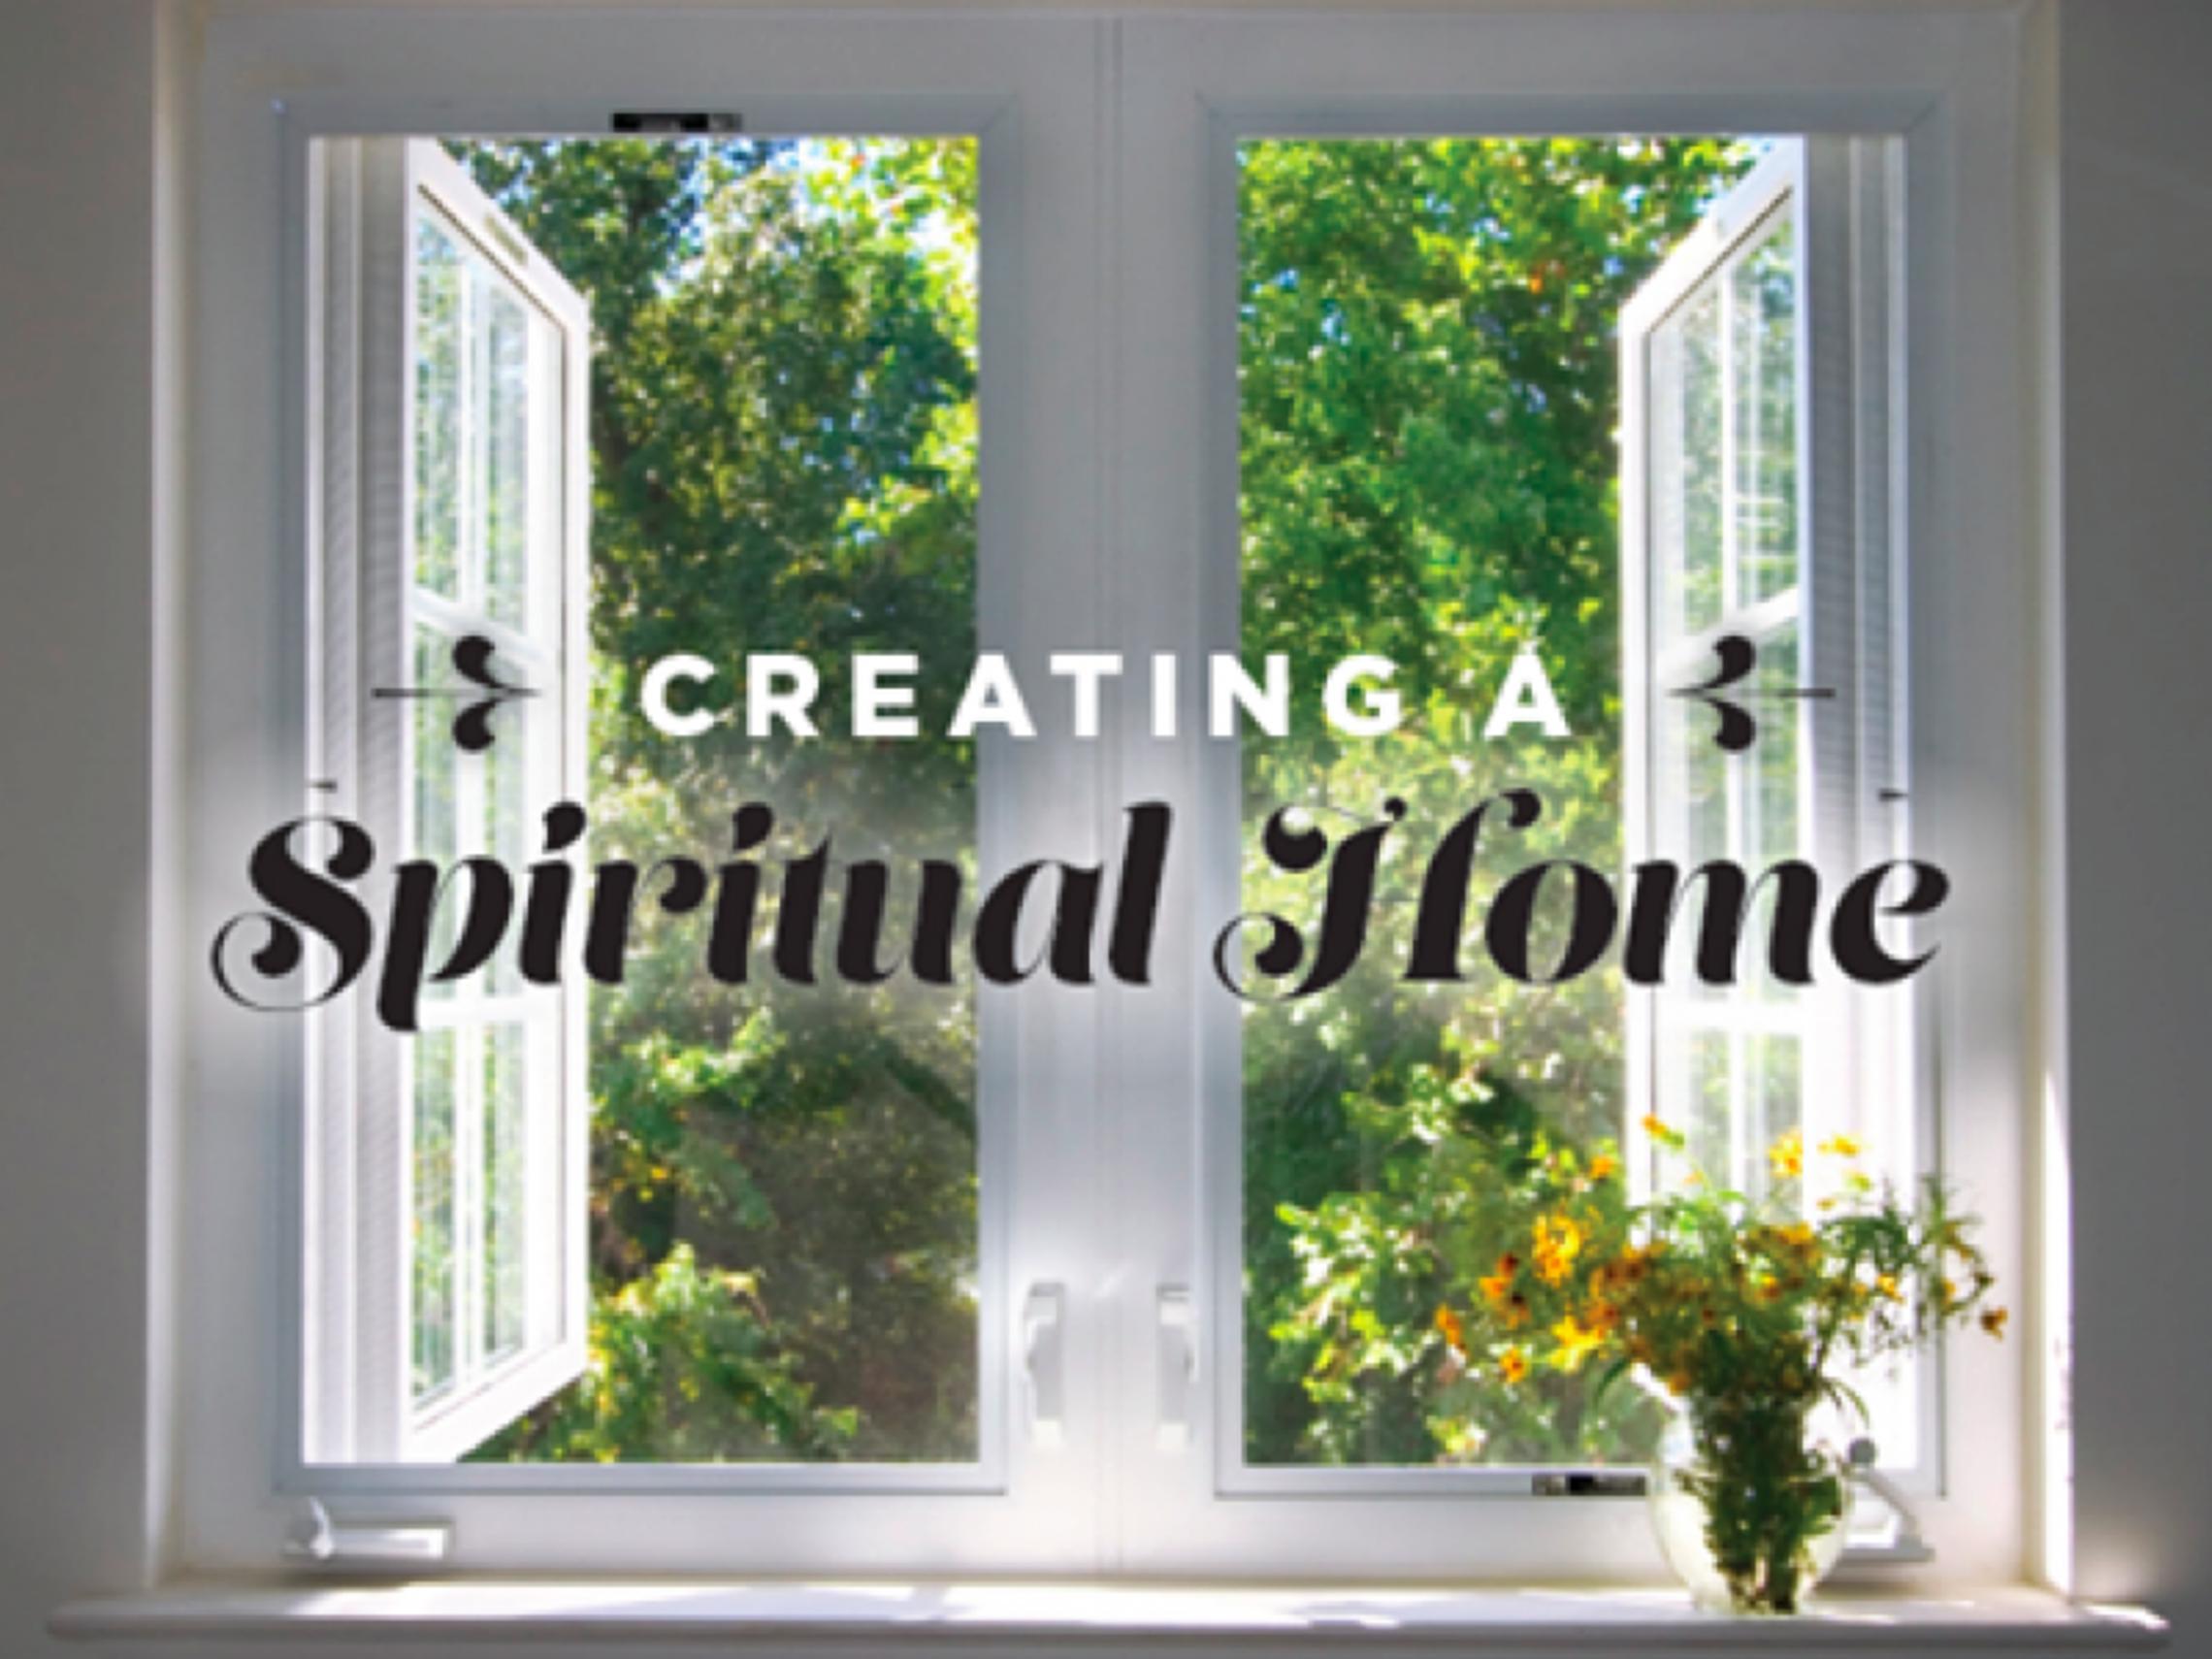 Creating a Spiritual Home